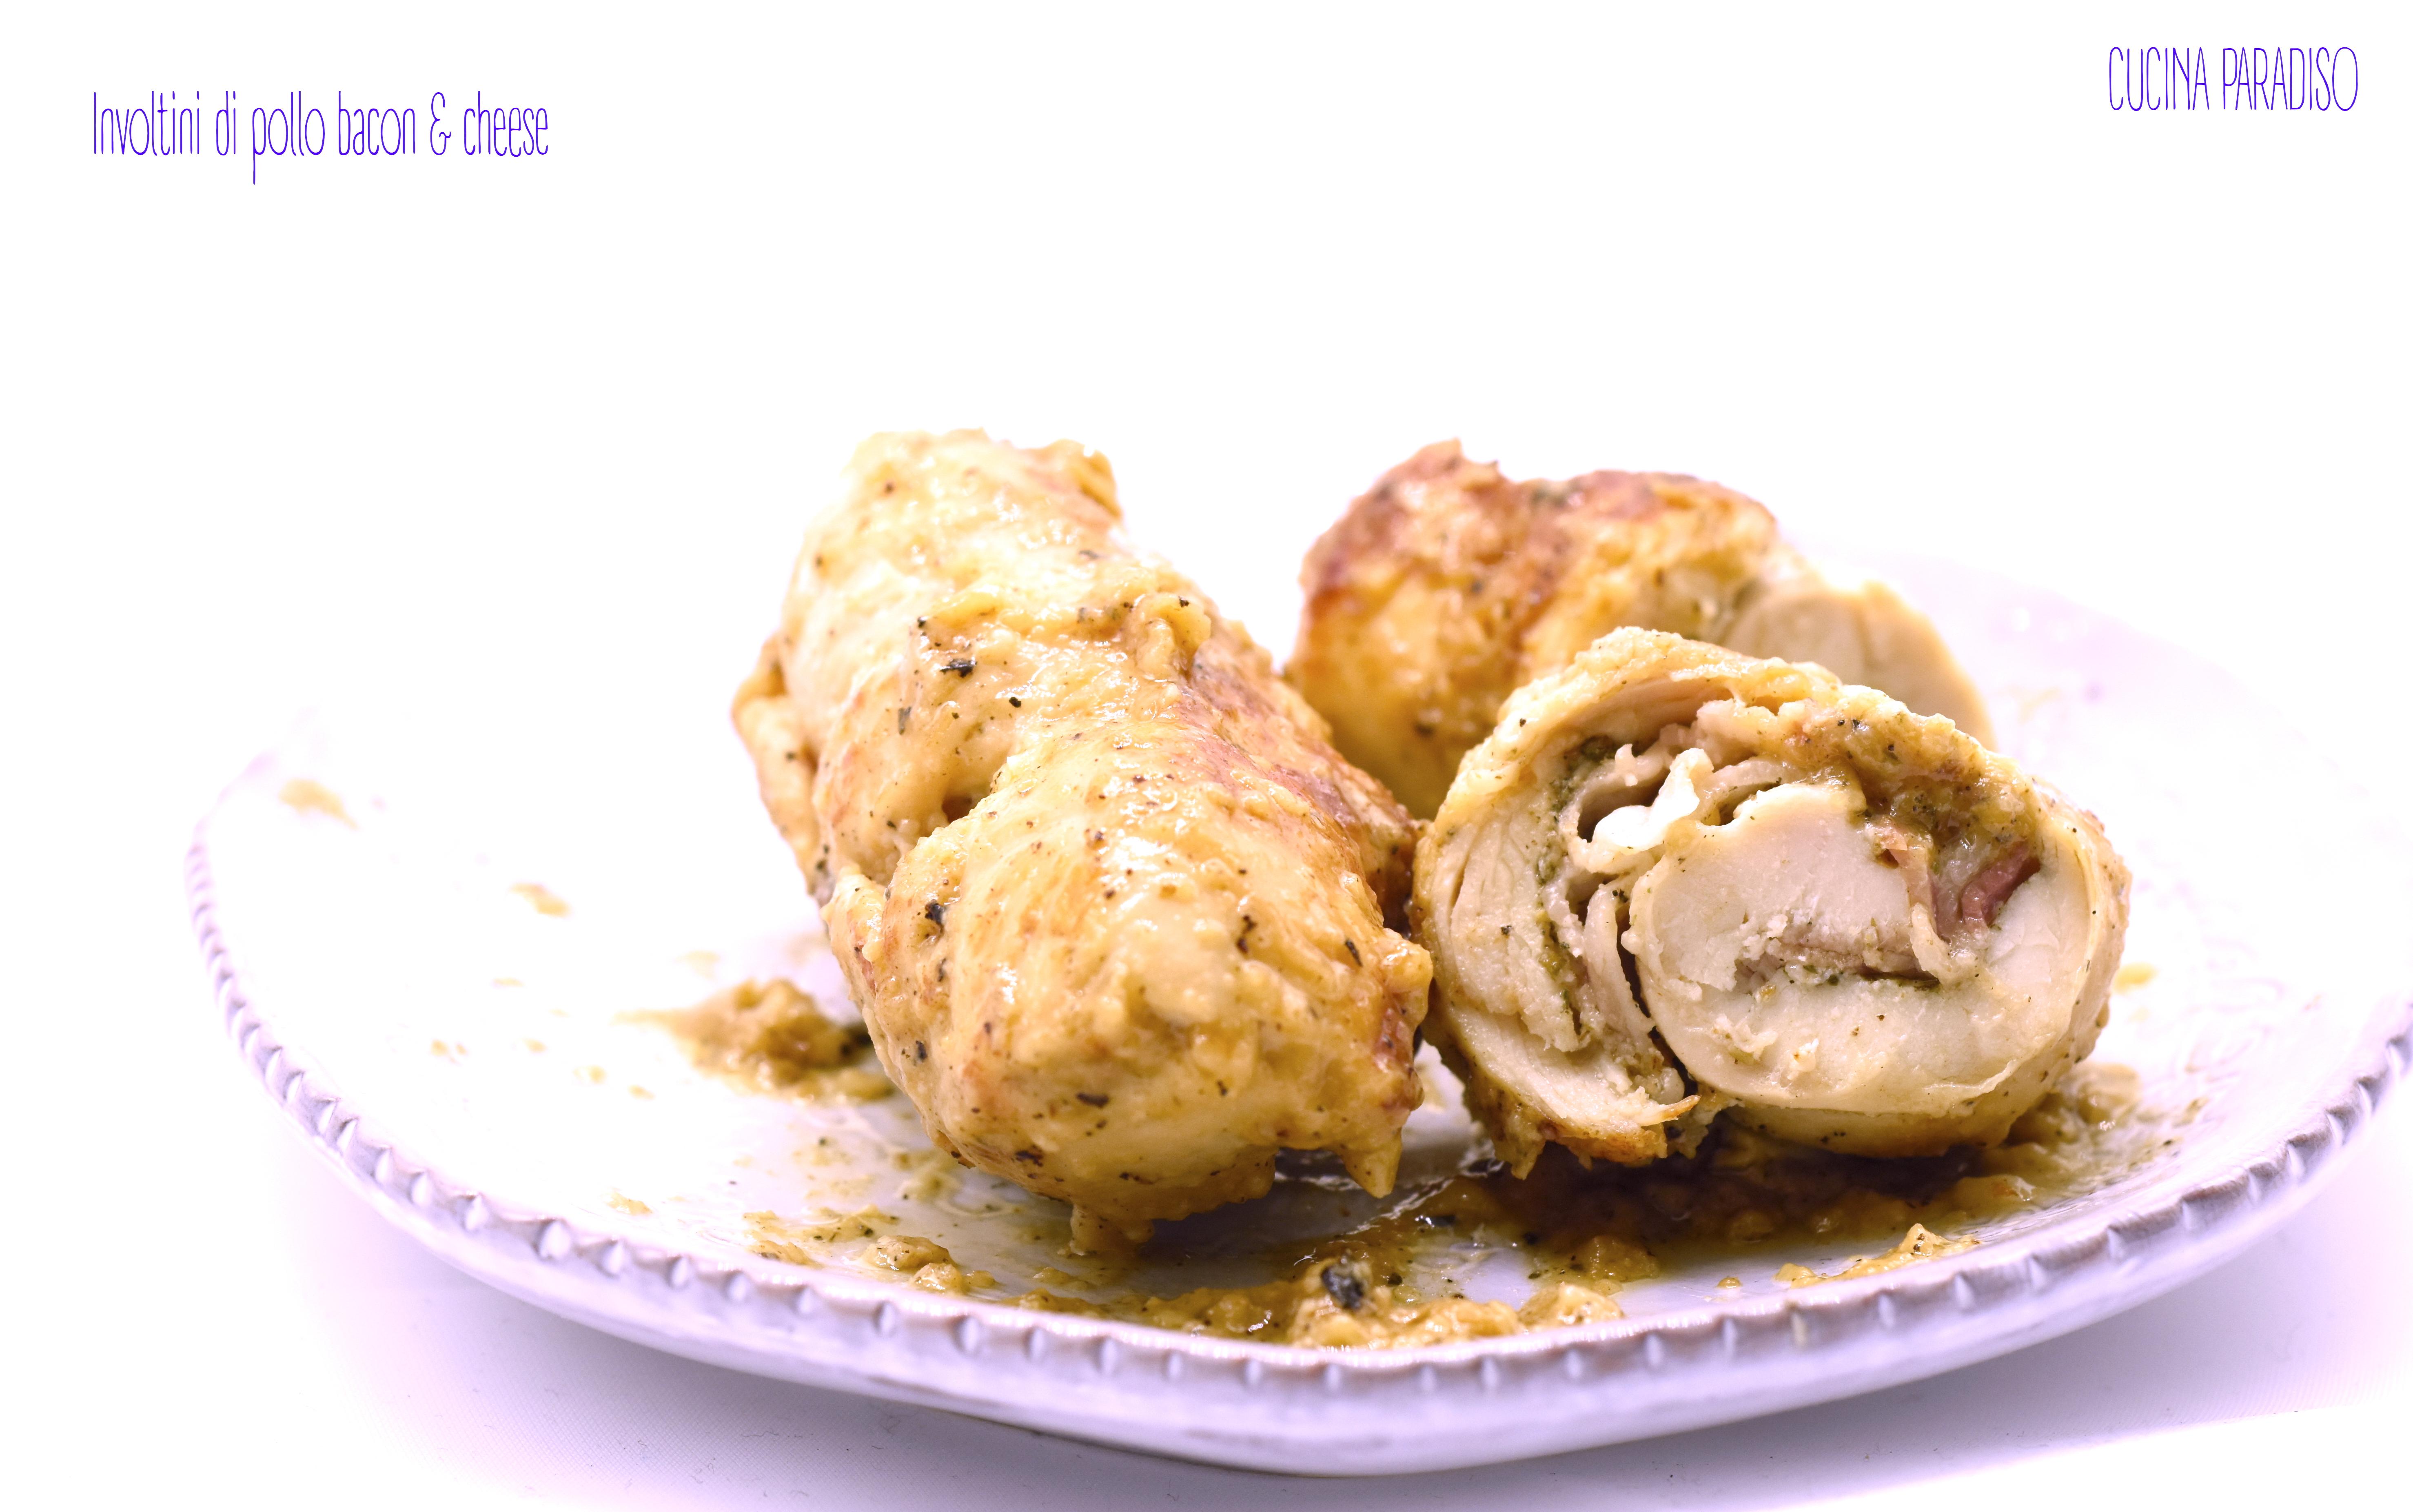 Involtini di pollo bacon & cheese